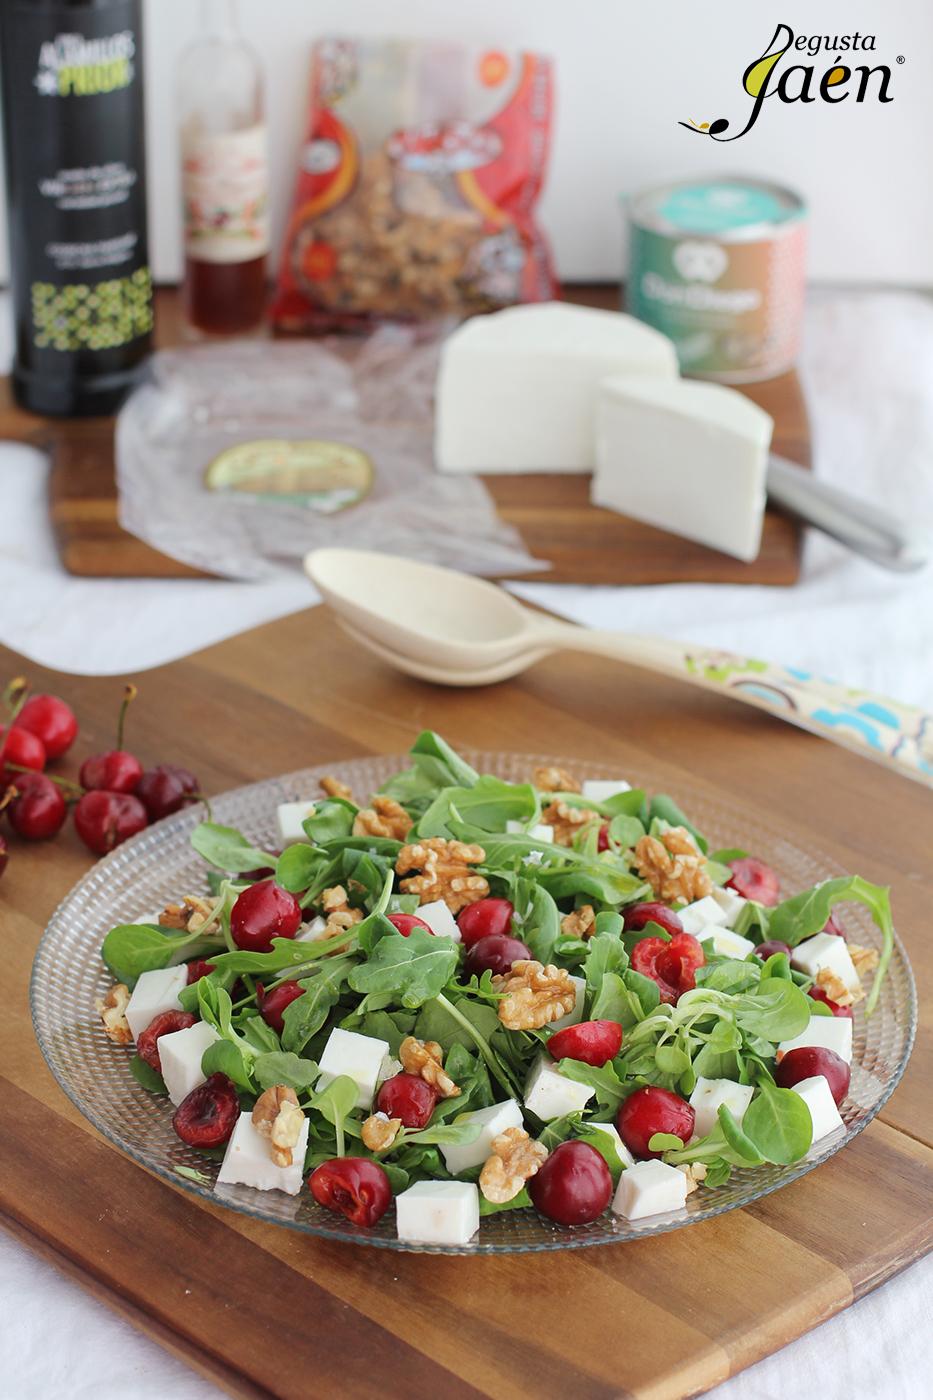 Ensalada cerezas, queso y nueces Degusta Jaen (1)